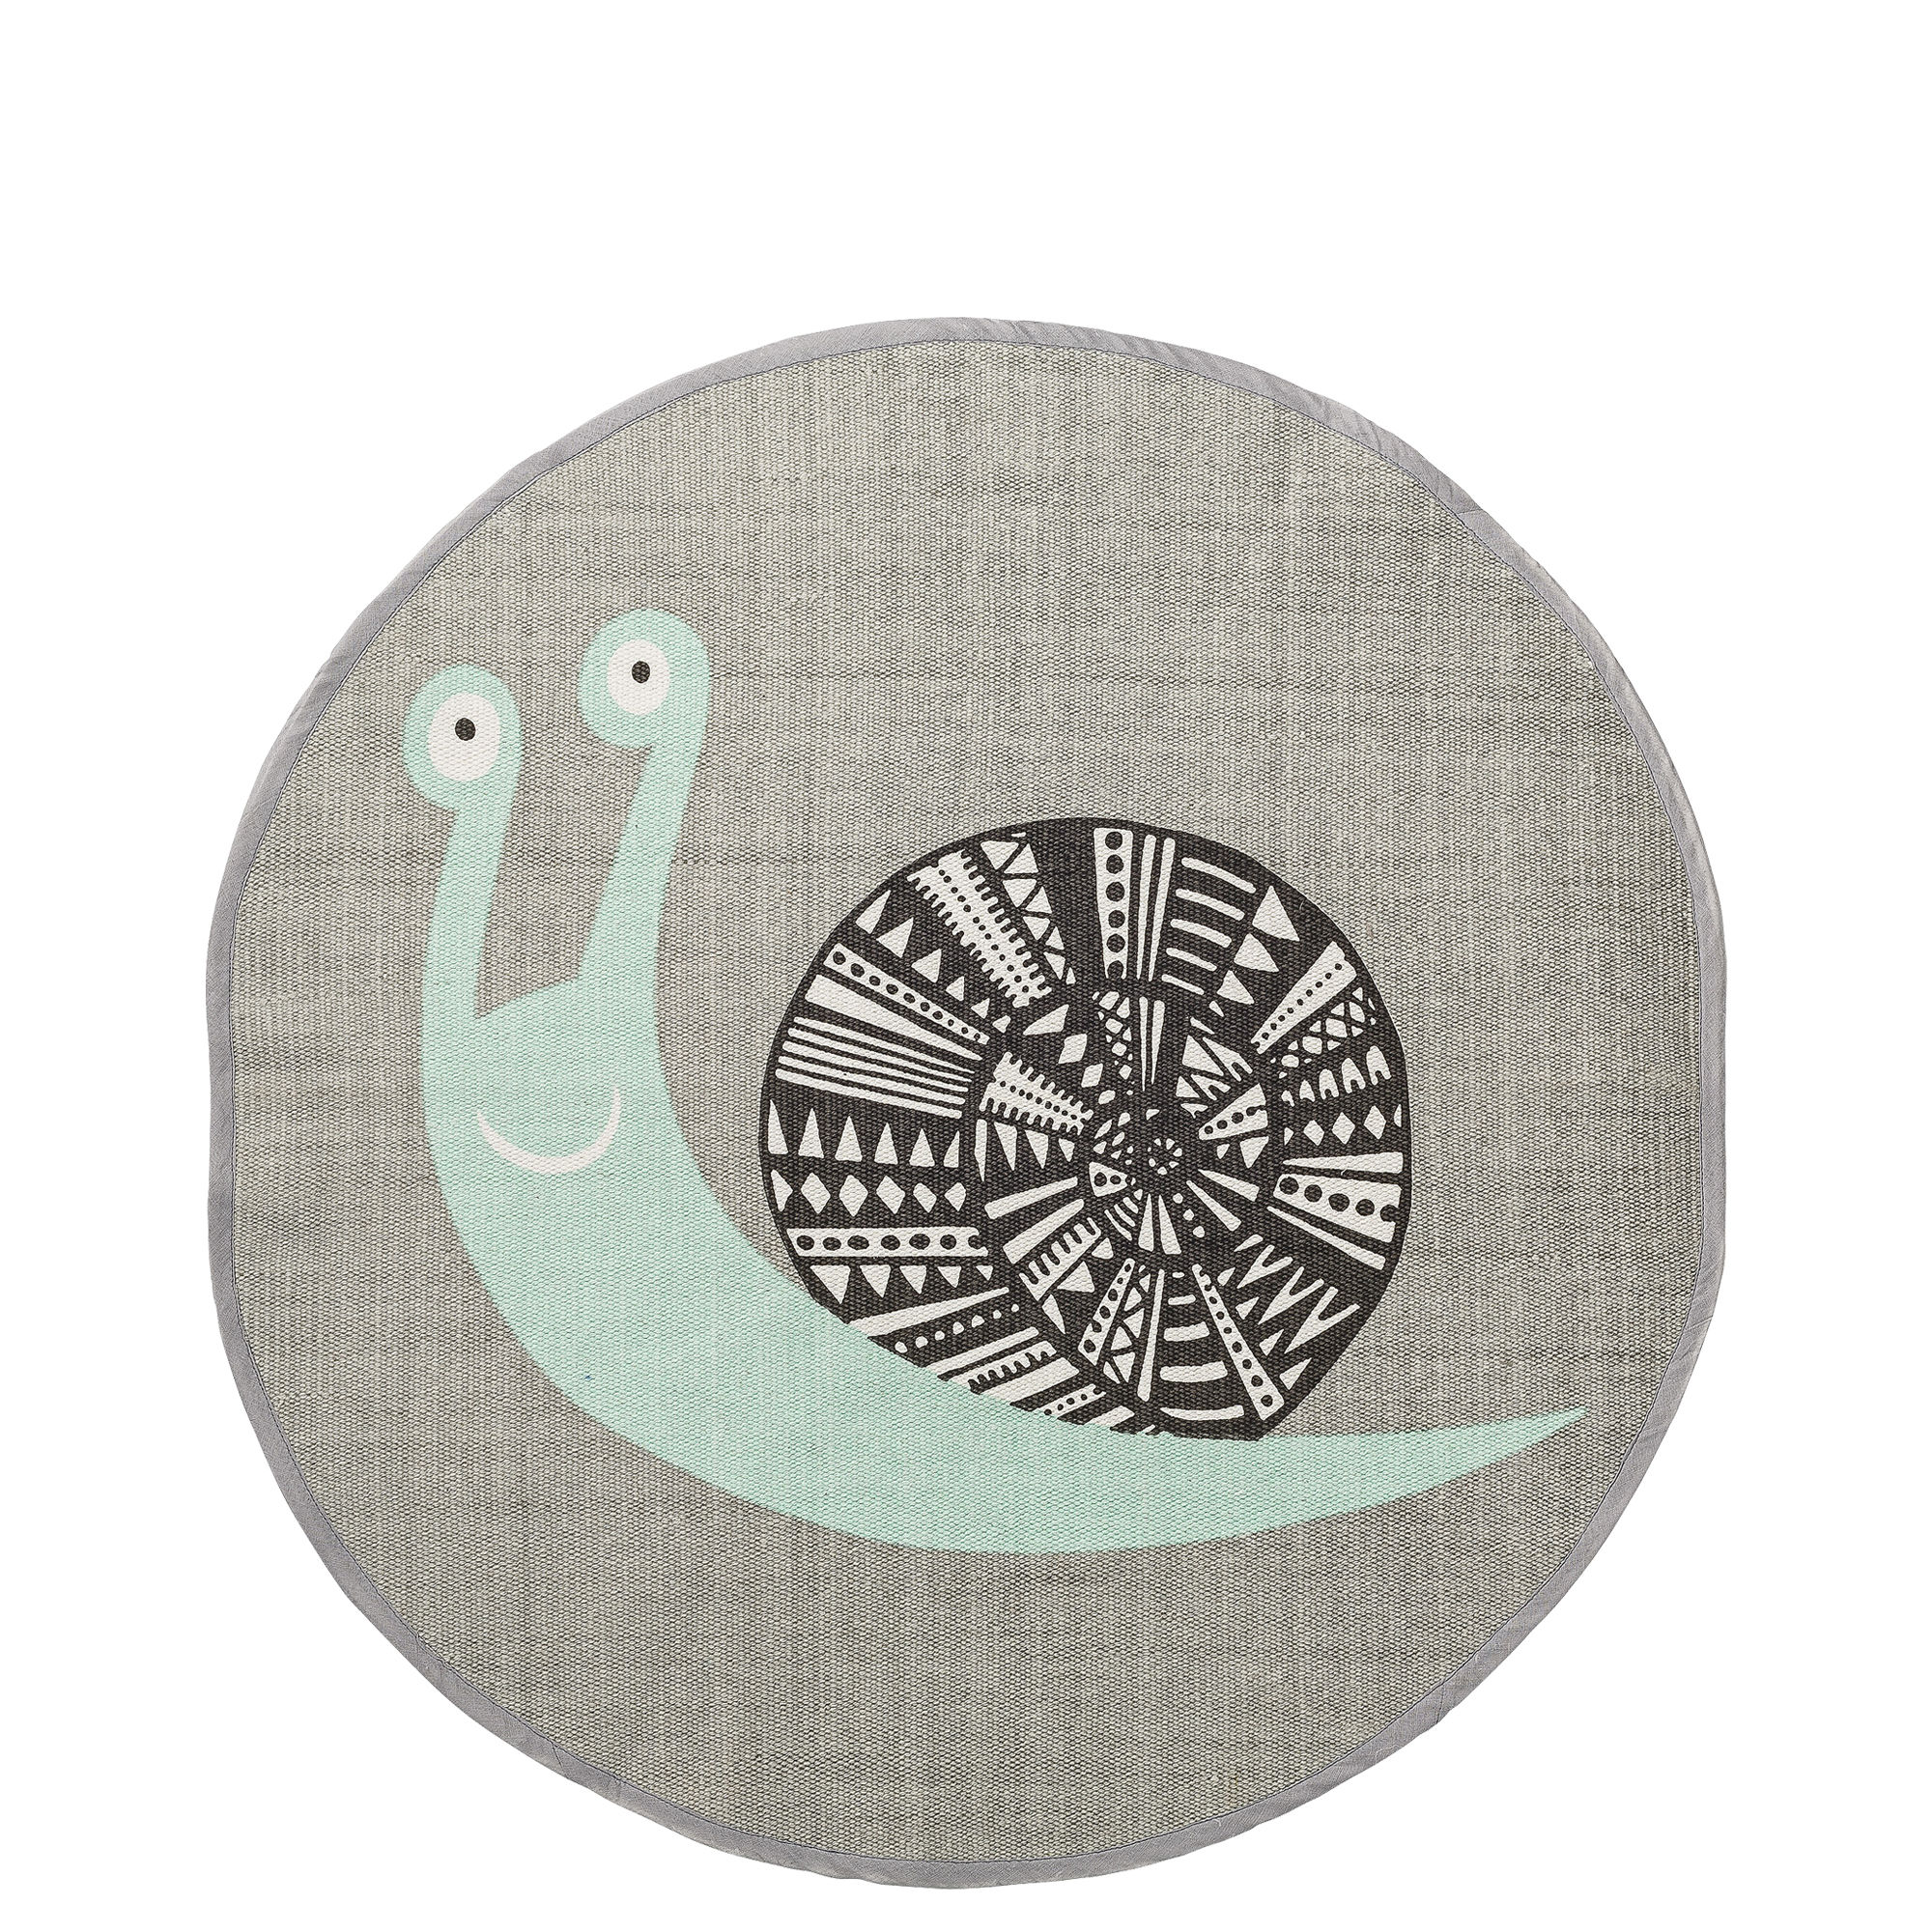 Decoration - Children's Home Accessories - Rug - Snail - Cotton - Ø 80 cm by Bloomingville - Snail / Grey & mint - Cotton